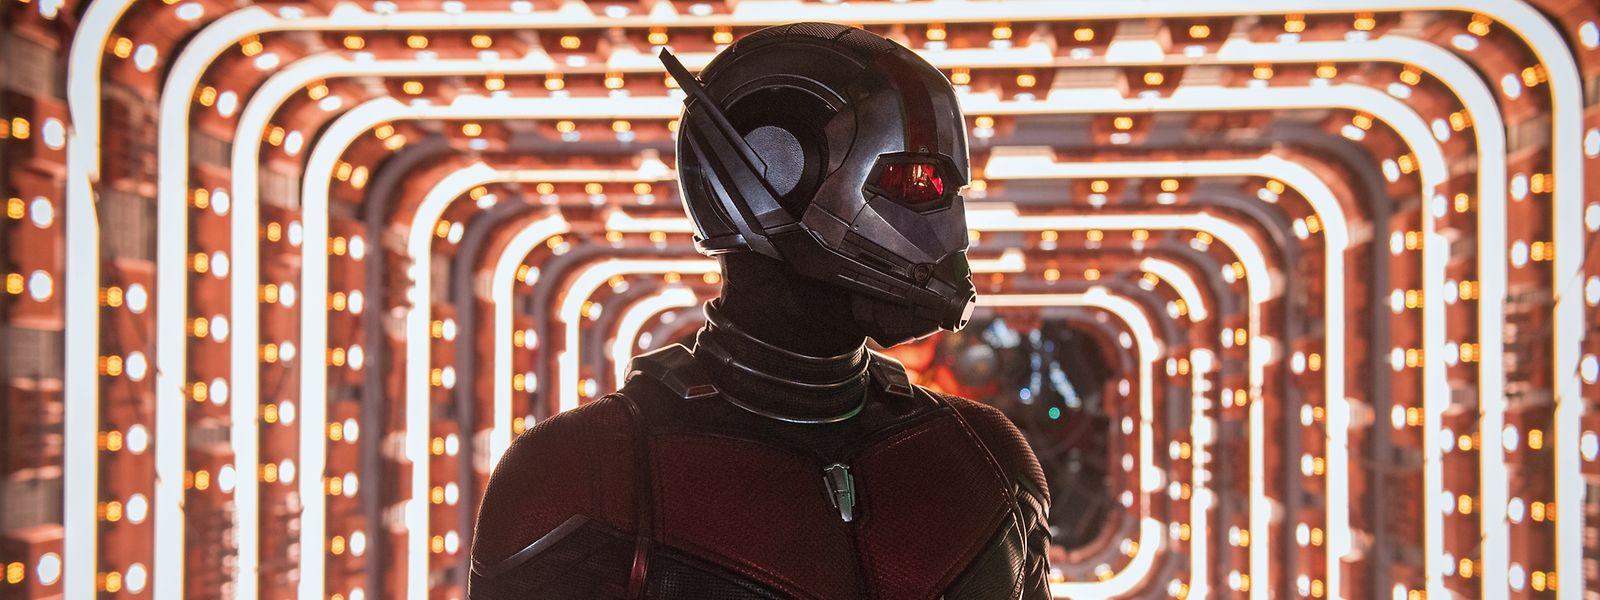 Wieder einmal warten große Aufgaben auf Ant-Man alias Scott Lang (Paul Rudd).